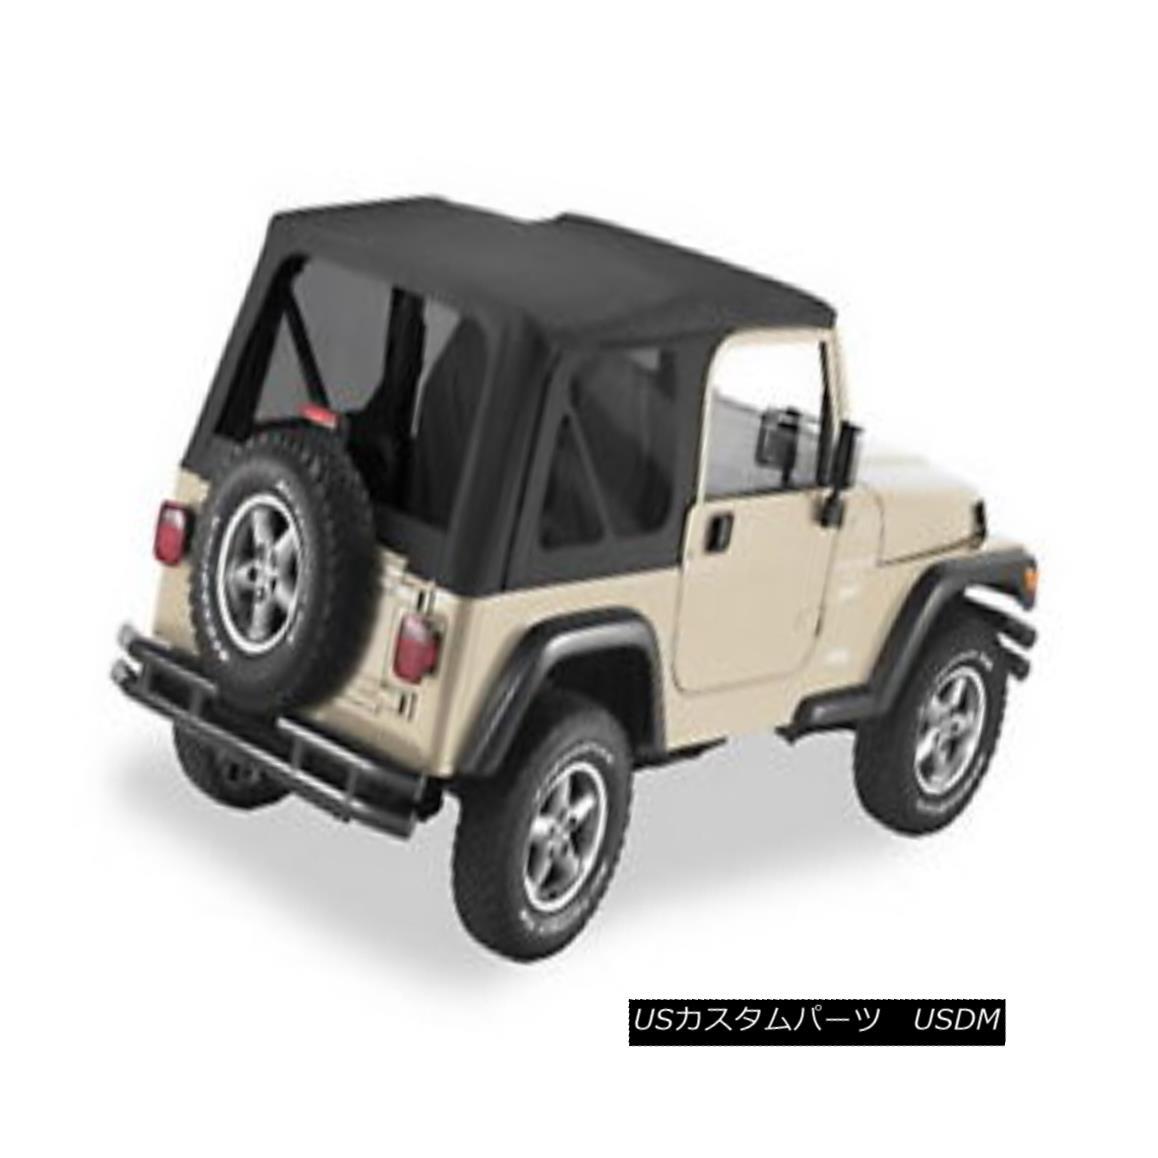 幌・ソフトトップ Pavement Ends 51148-35 Replay Soft Top Black Diamond 1997-2006 Jeep Wrangler 舗装終了51148-35リプレイソフトトップブラックダイヤモンド1997-2006ジープラングラー